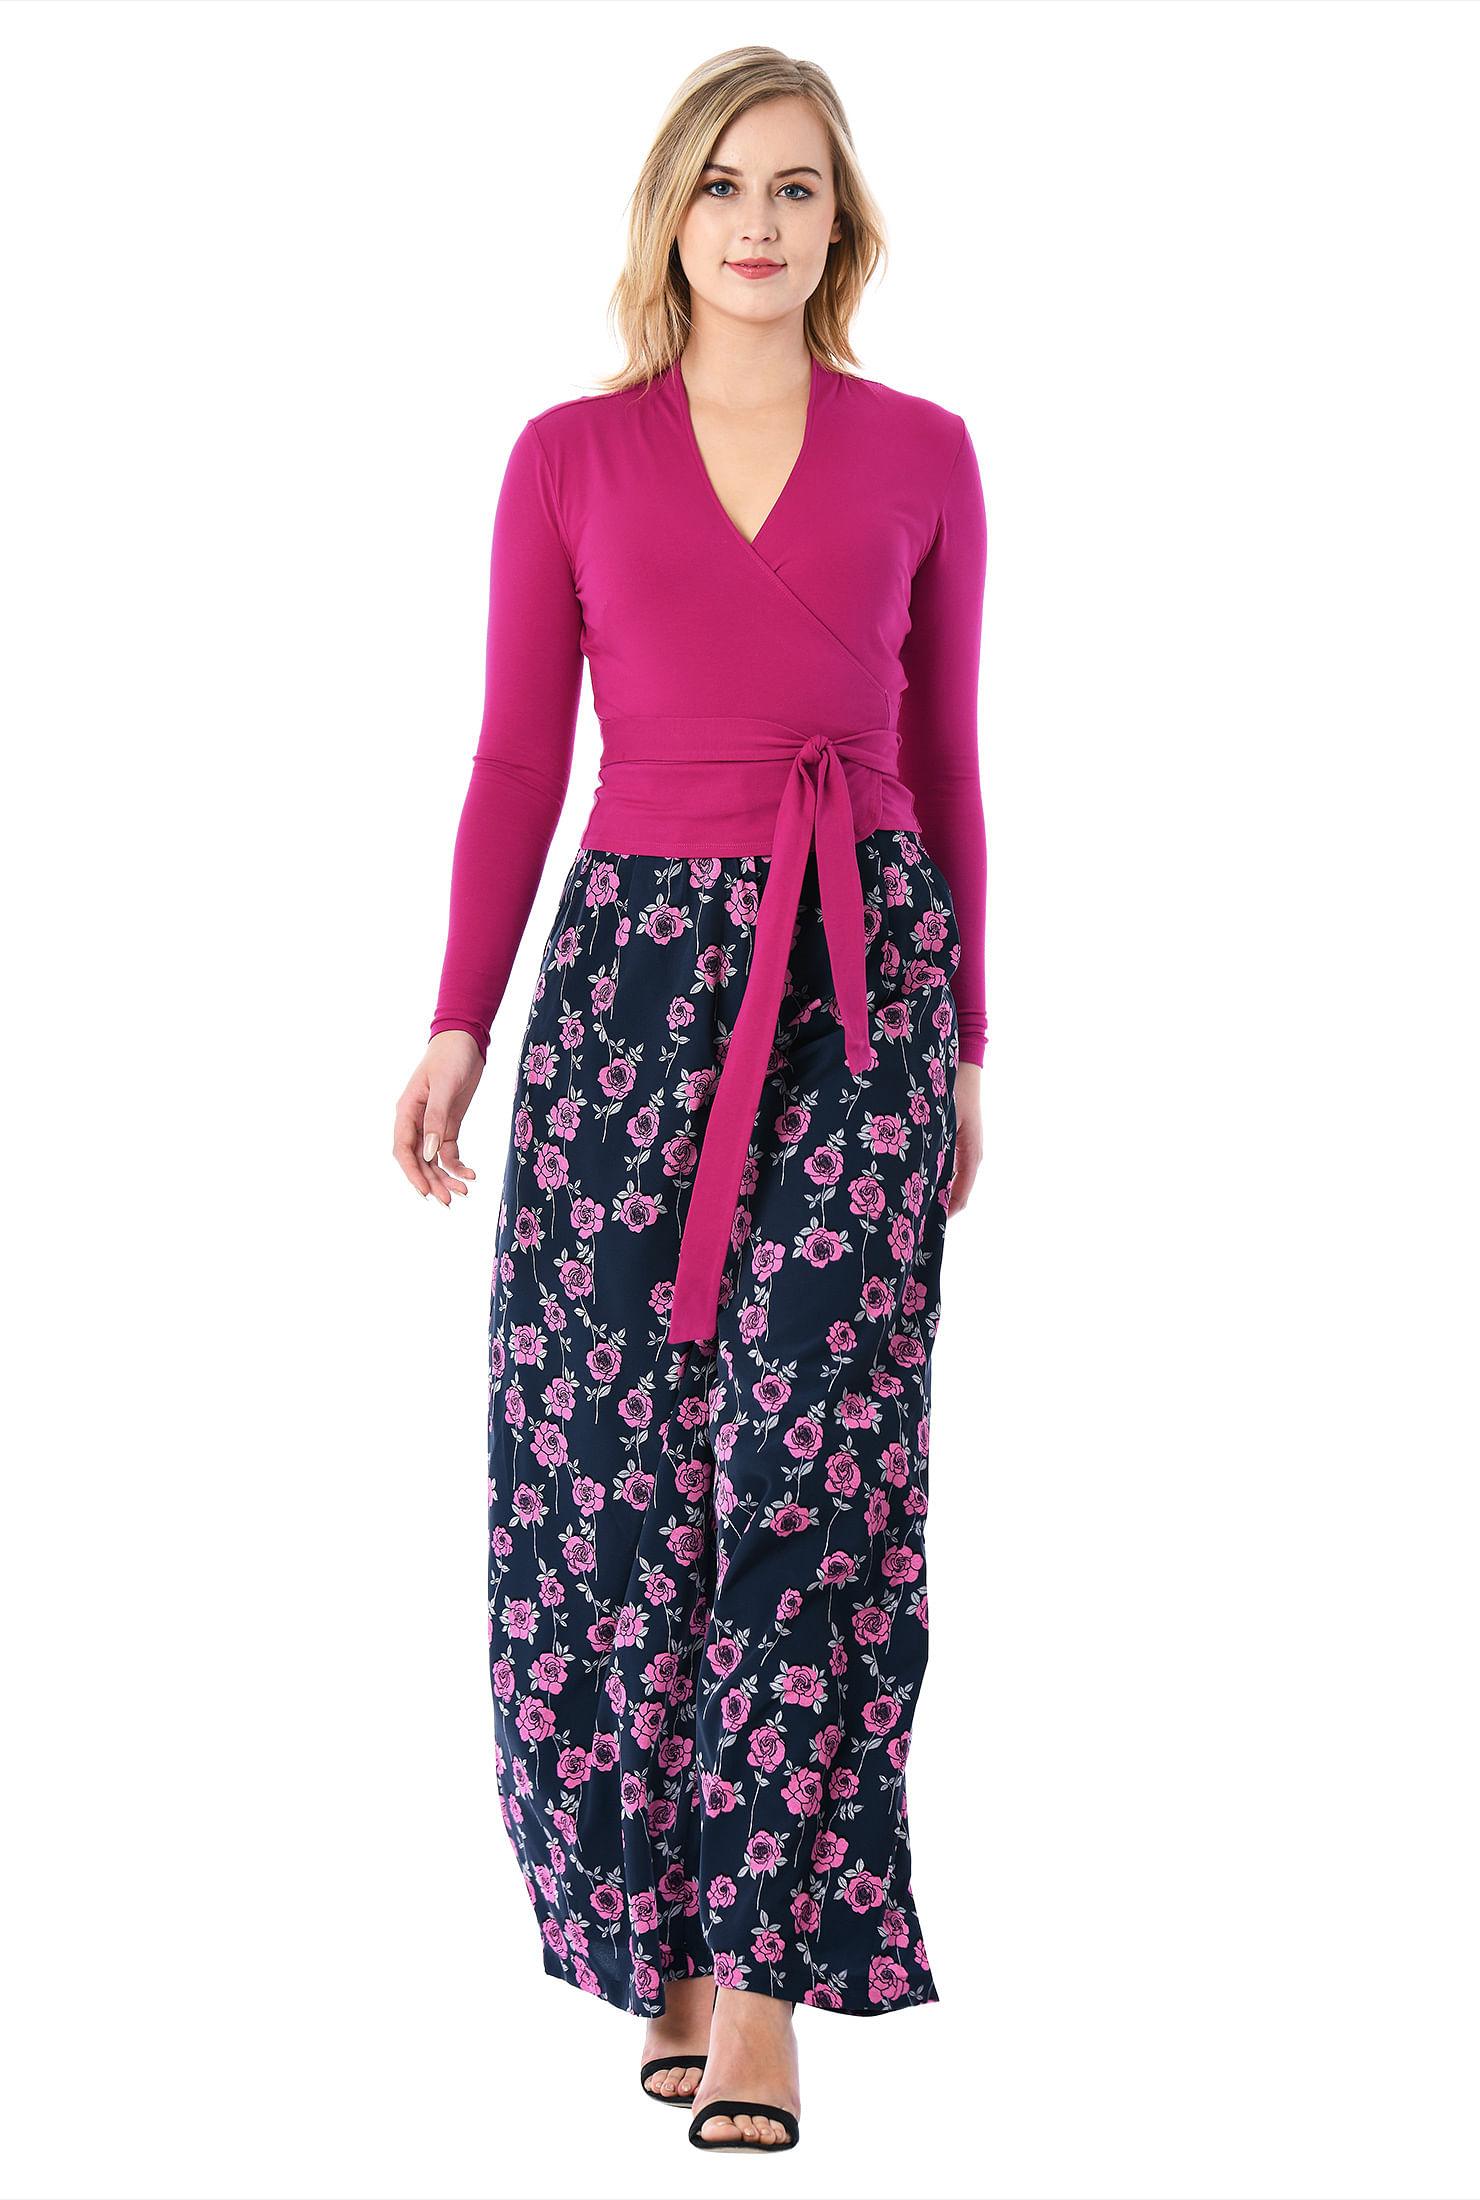 2d9d50504800 cotton/spandex jumpsuits, floral print jumpsuits, jumpsuits, long sleeve  jumpsuits,